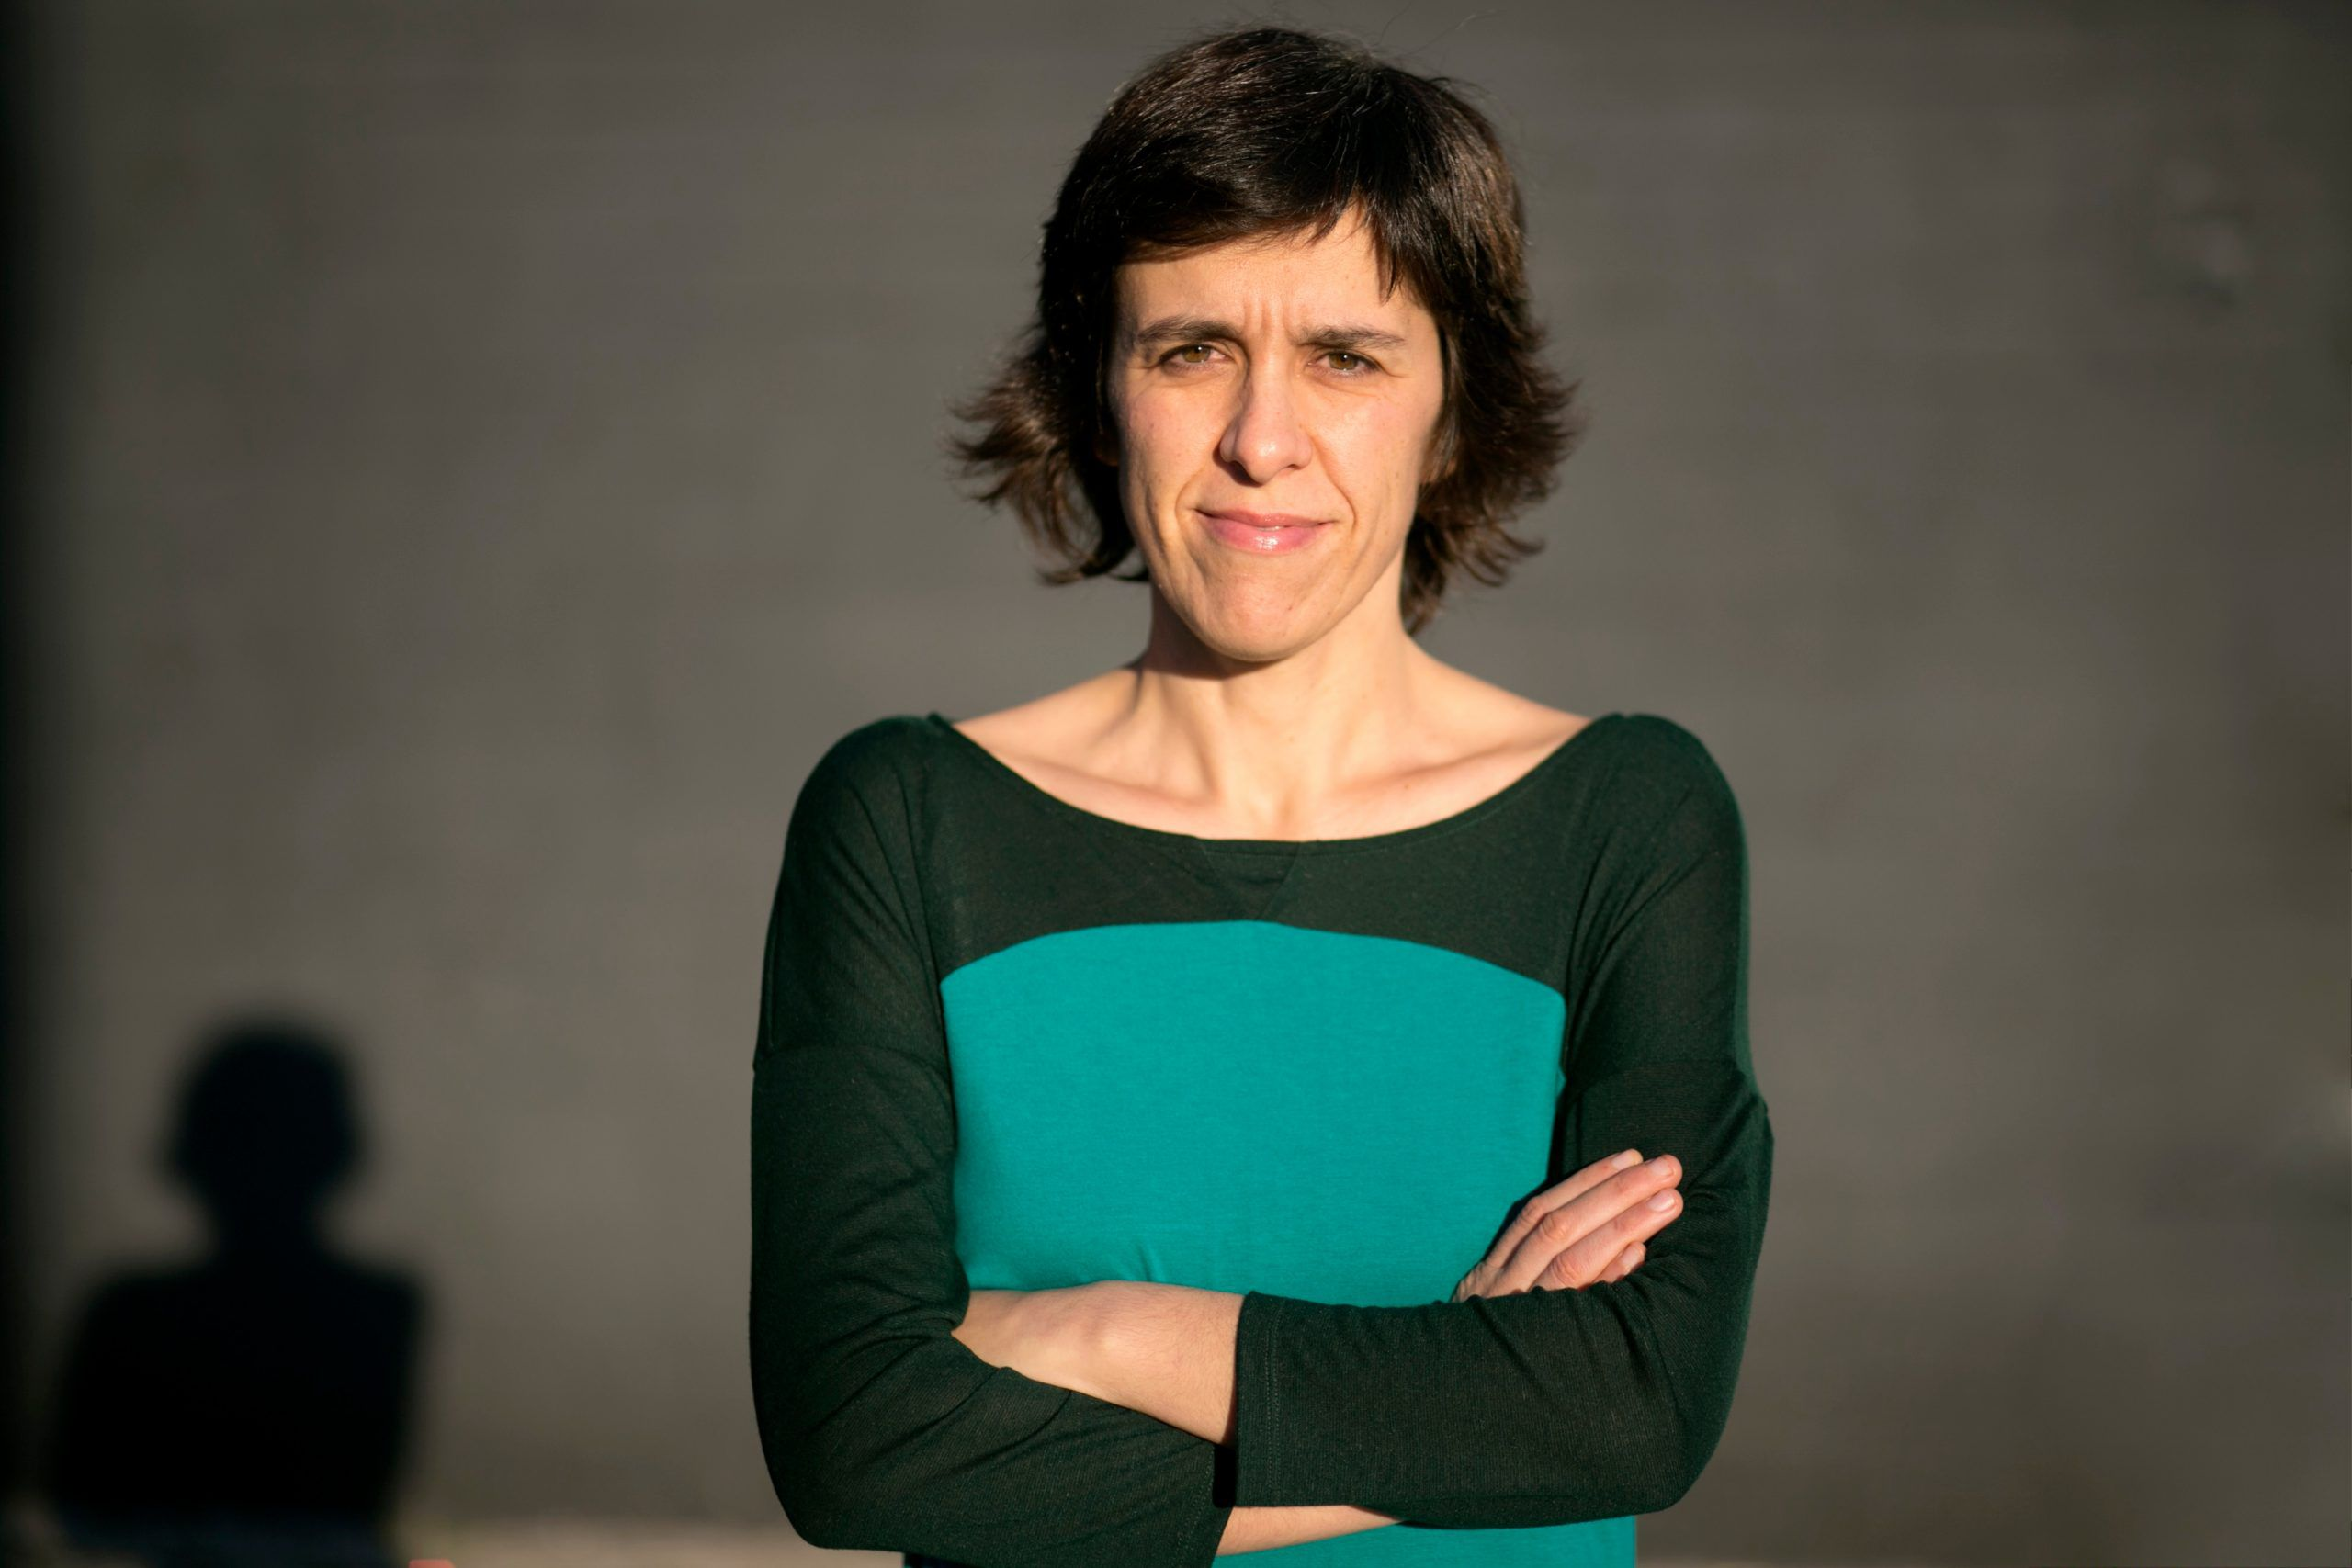 """Entrevista. Catarina Gomes: """"Todos podemos tornar-nos loucos no sentido patológico"""""""